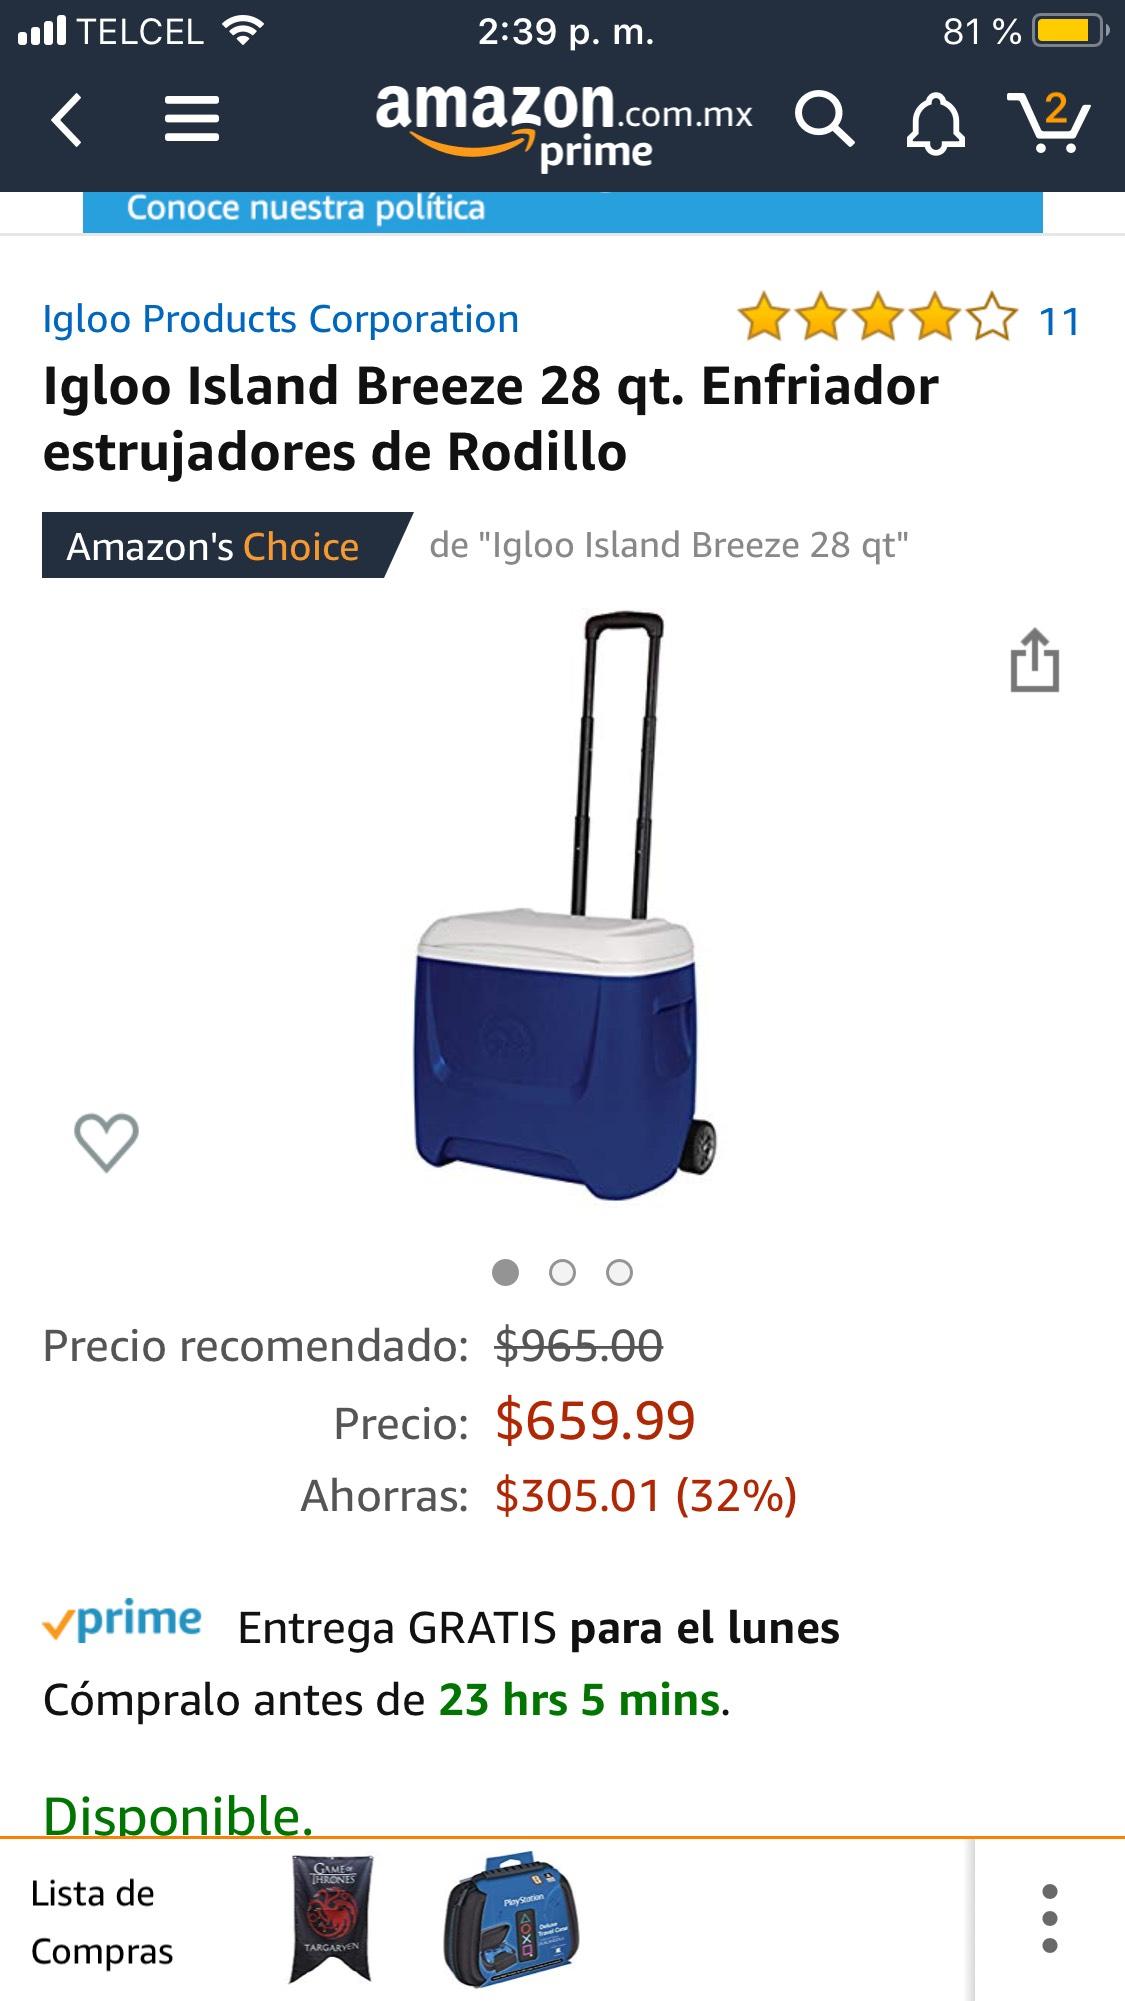 Amazon: Igloo Island Breeze 28 qt. Enfriador estrujadores de Rodillo